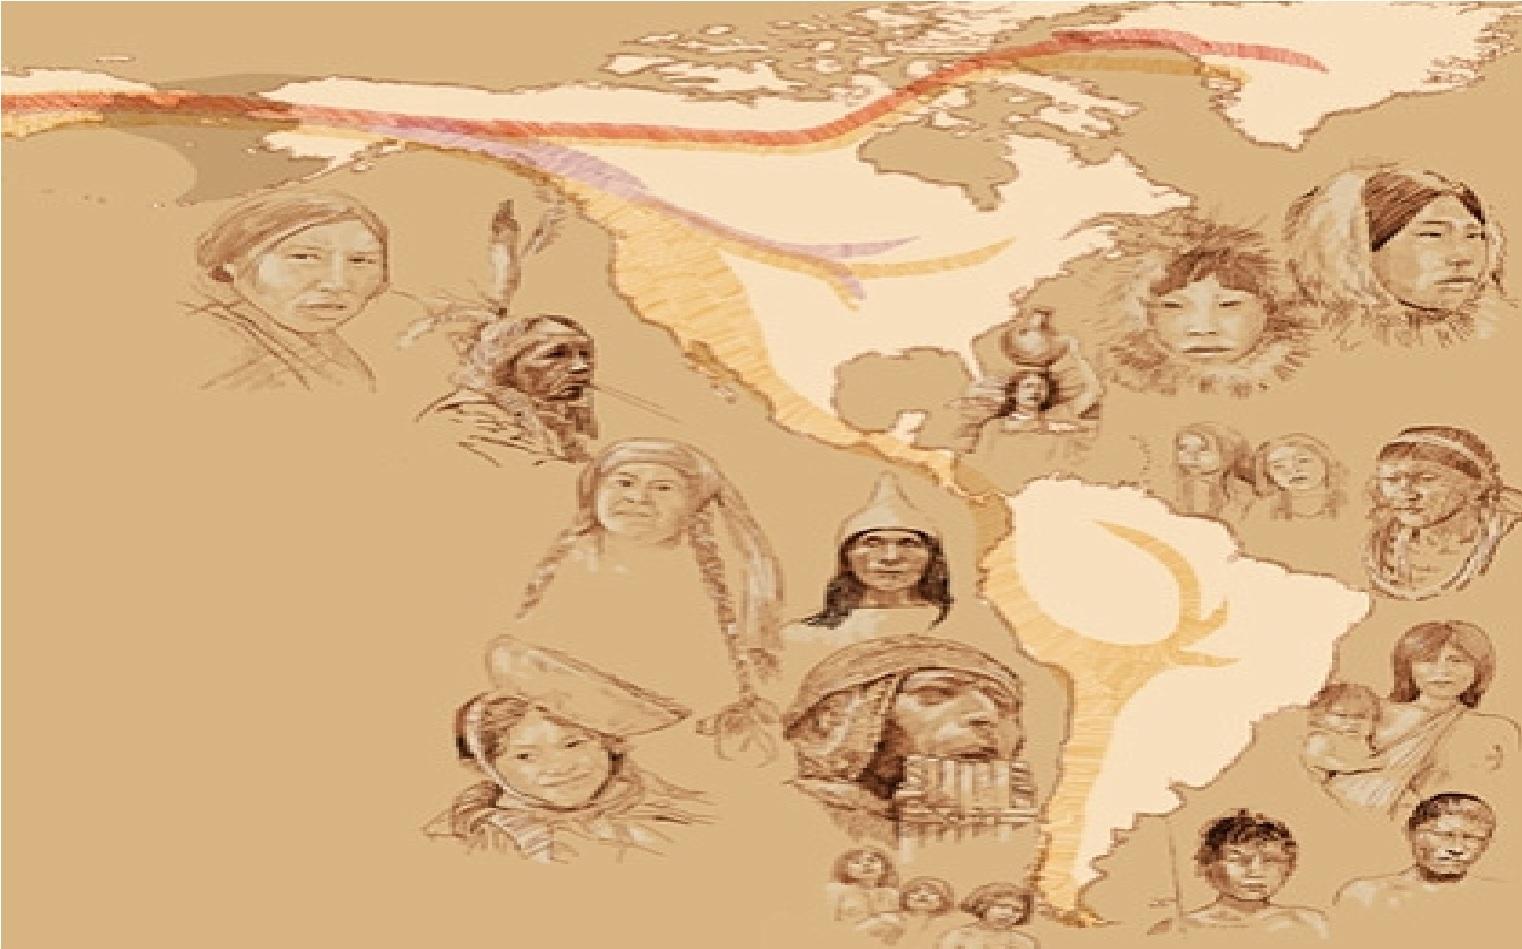 Kızılderili Kıtası'nda En Az 33.000 Yıllık İnsan Kanıtları Bulundu